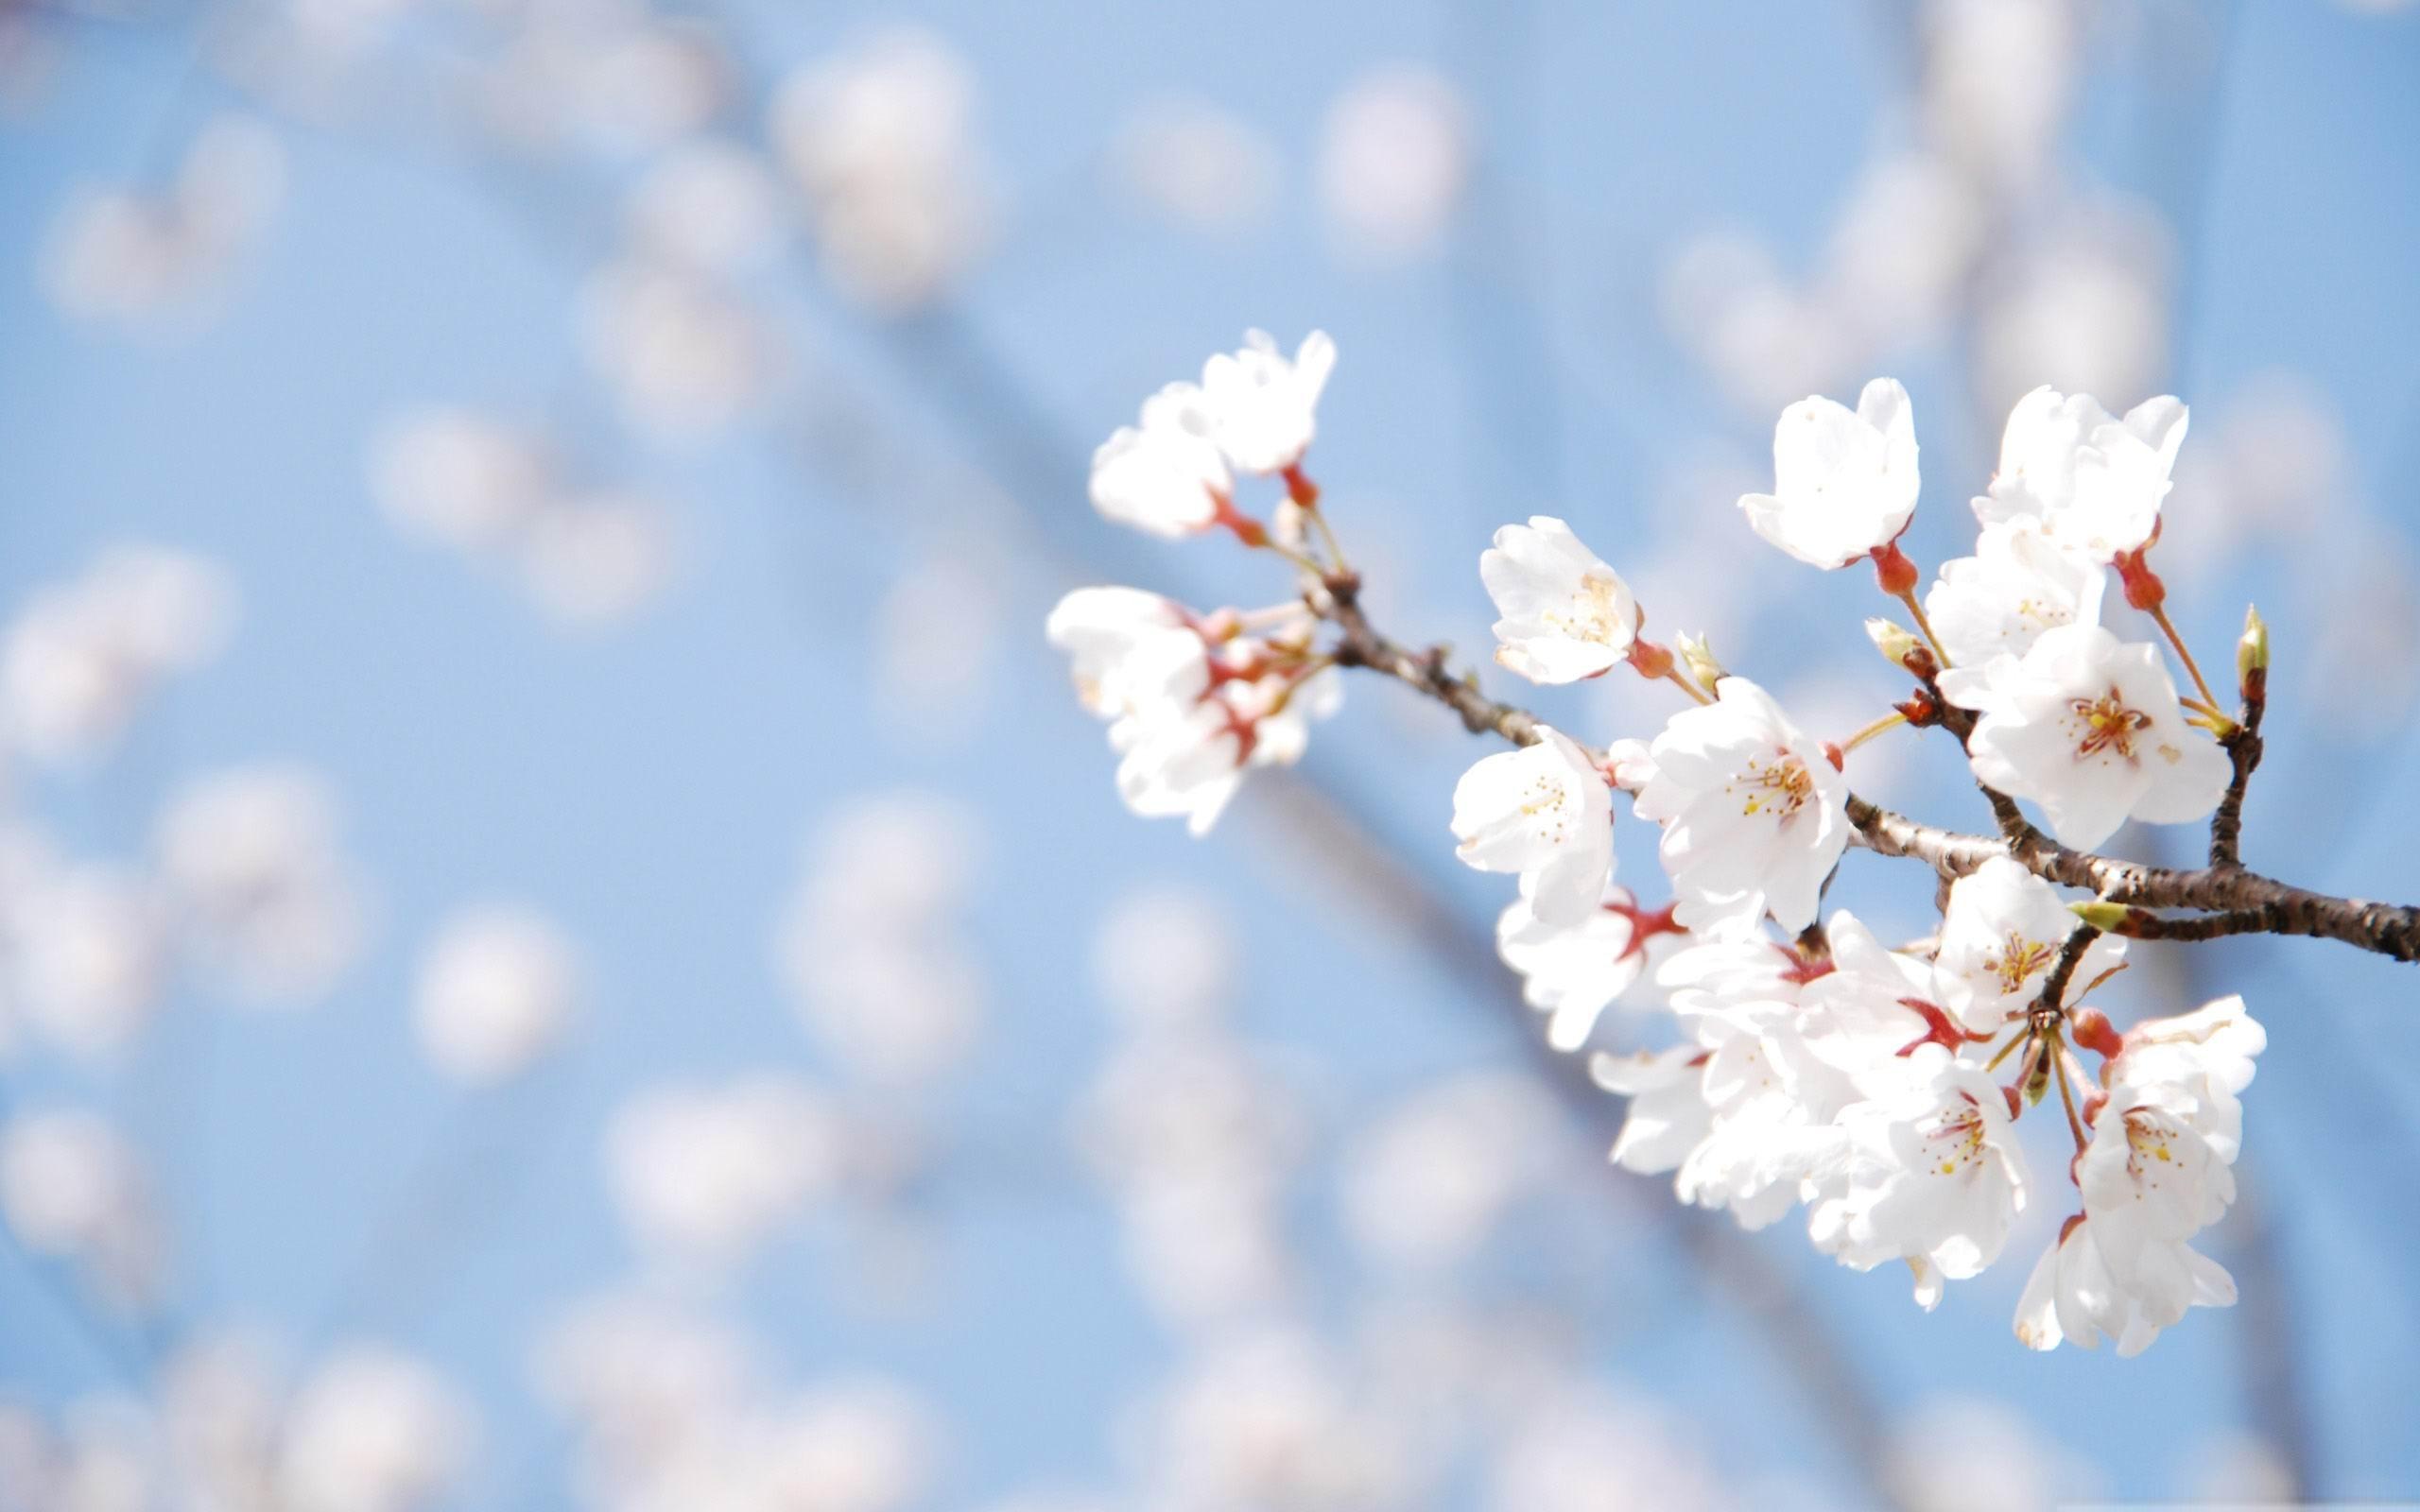 Spring Wallpaper  Desktopjpg 2560x1600